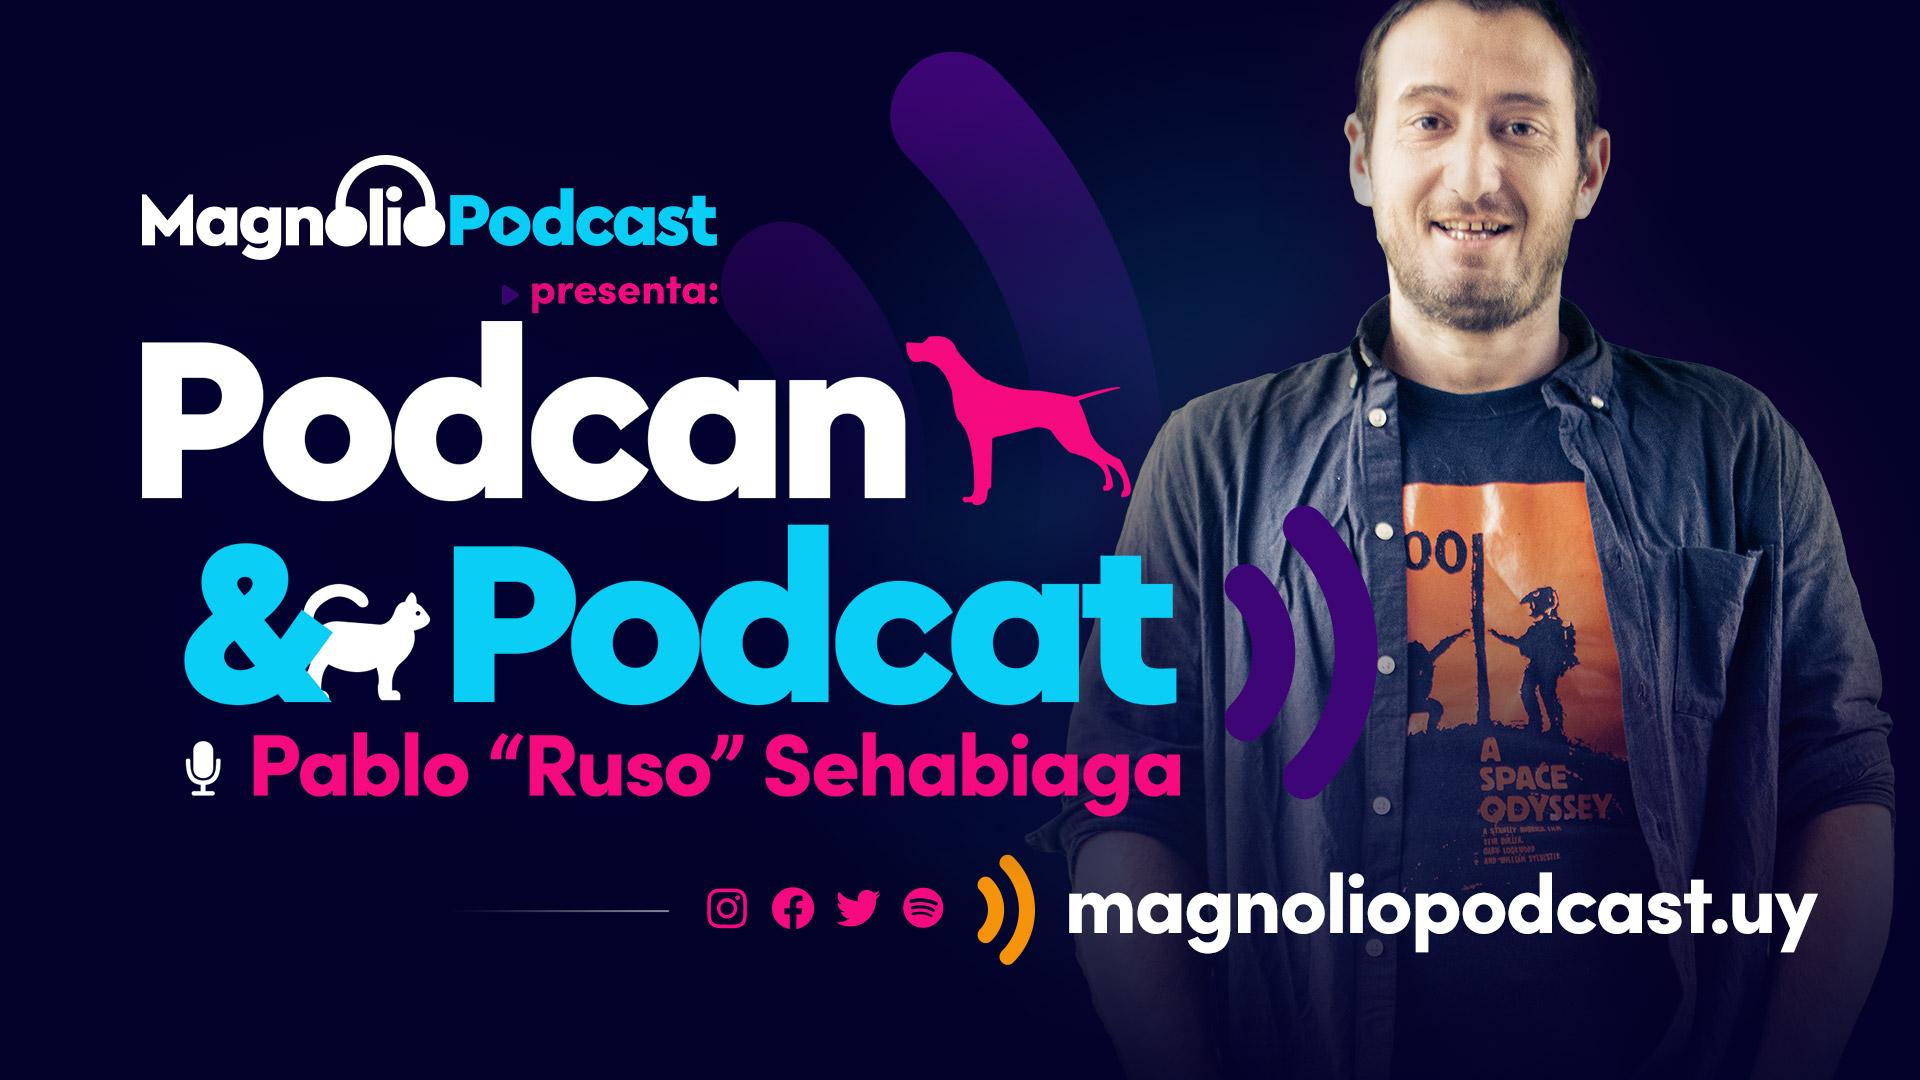 """Podcan & Podcat - Pablo """"Ruso"""" Sehabiaga"""